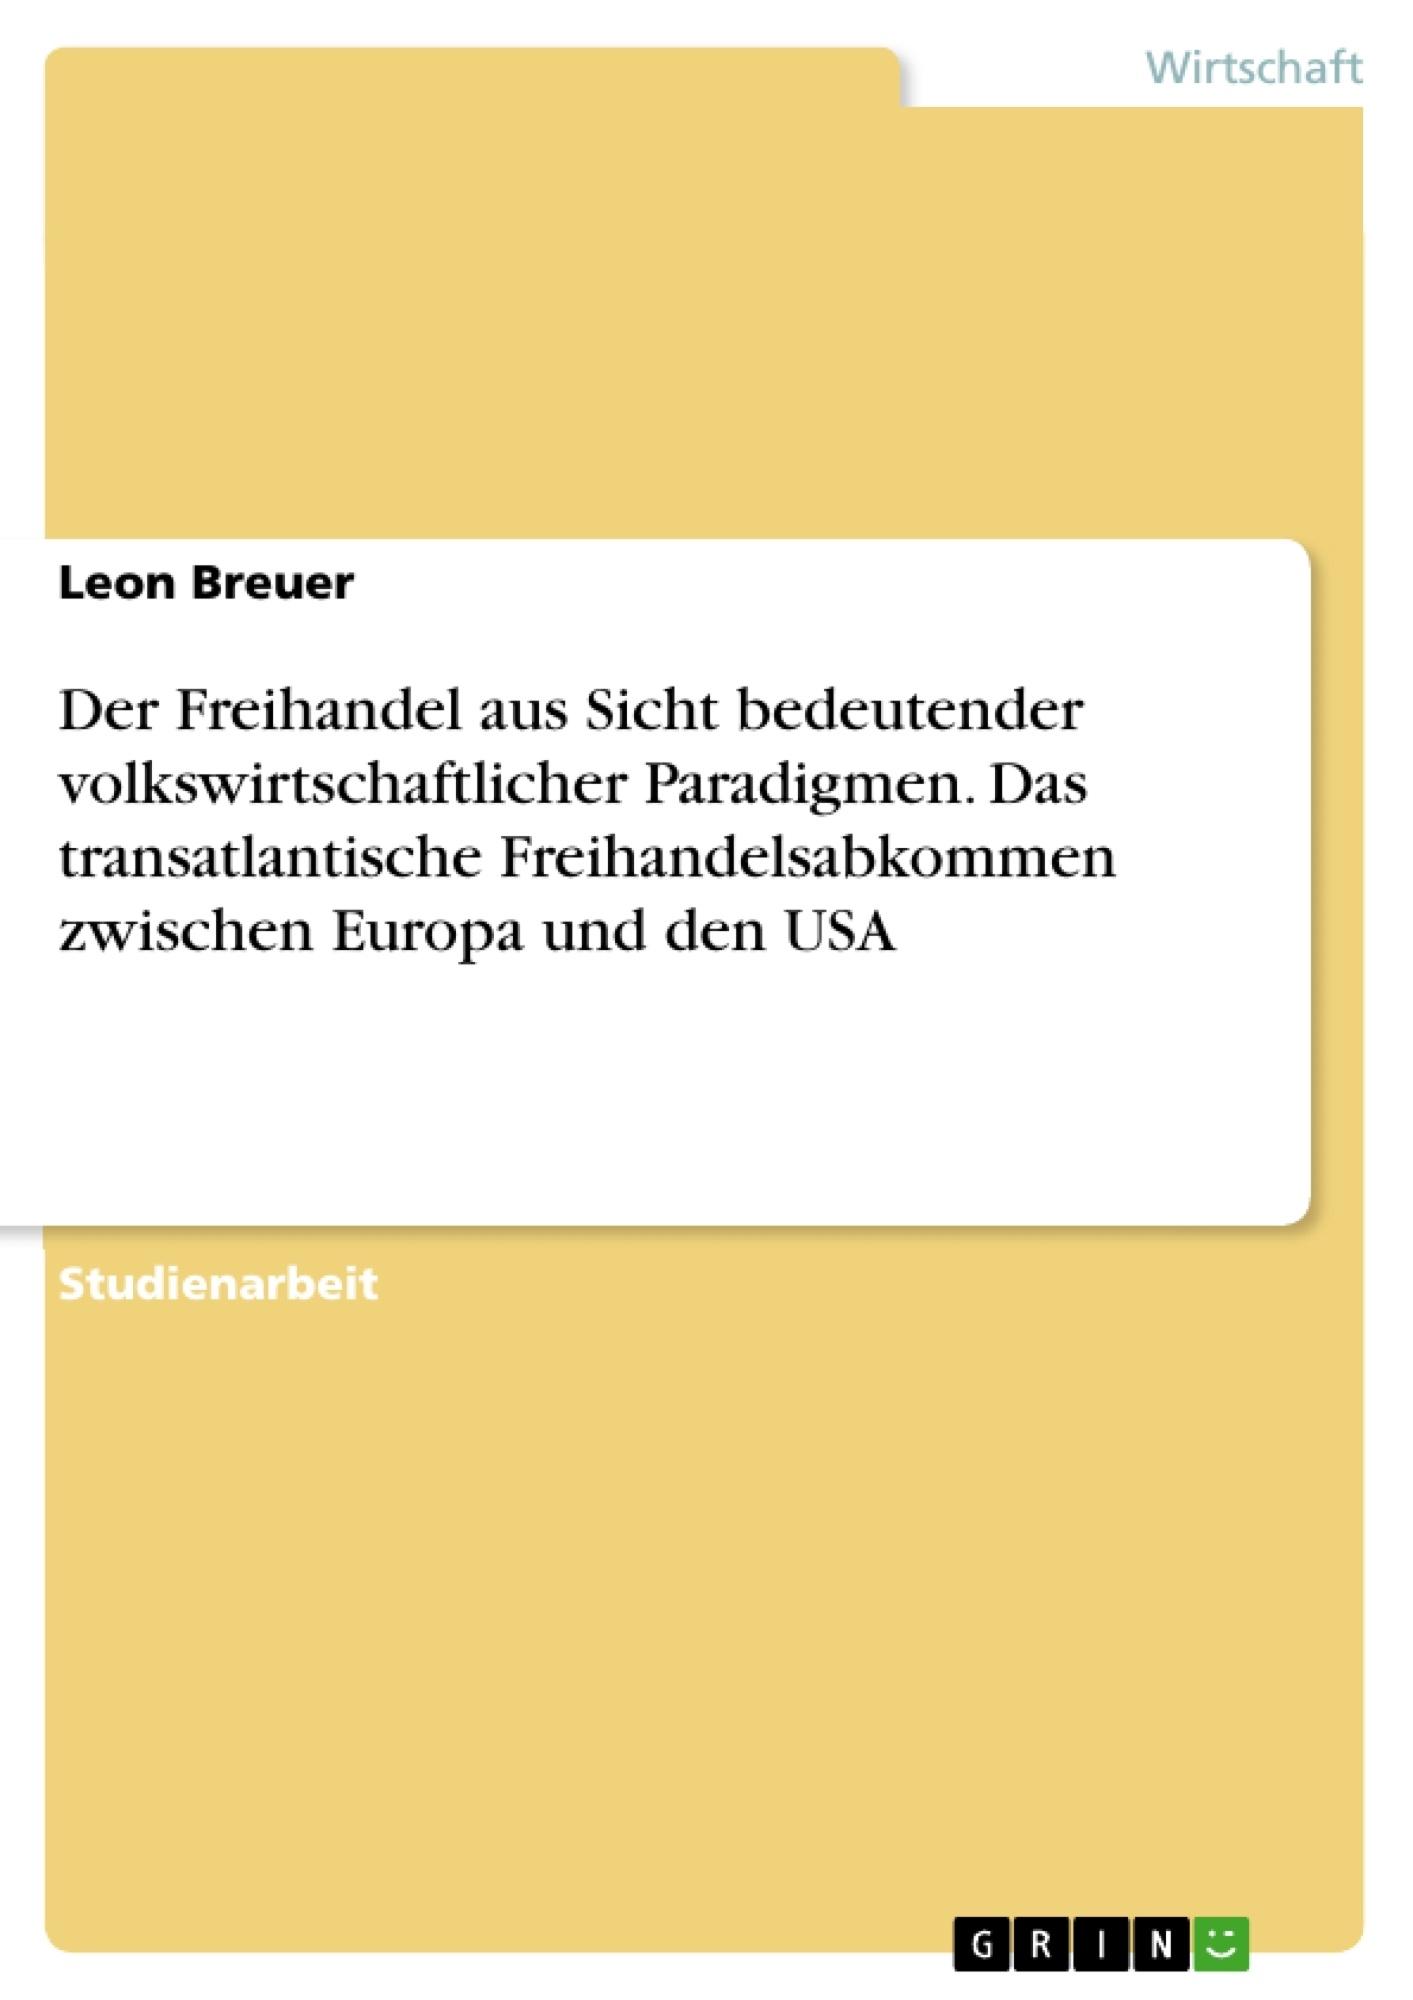 Titel: Der Freihandel aus Sicht bedeutender volkswirtschaftlicher Paradigmen. Das transatlantische Freihandelsabkommen zwischen Europa und den USA